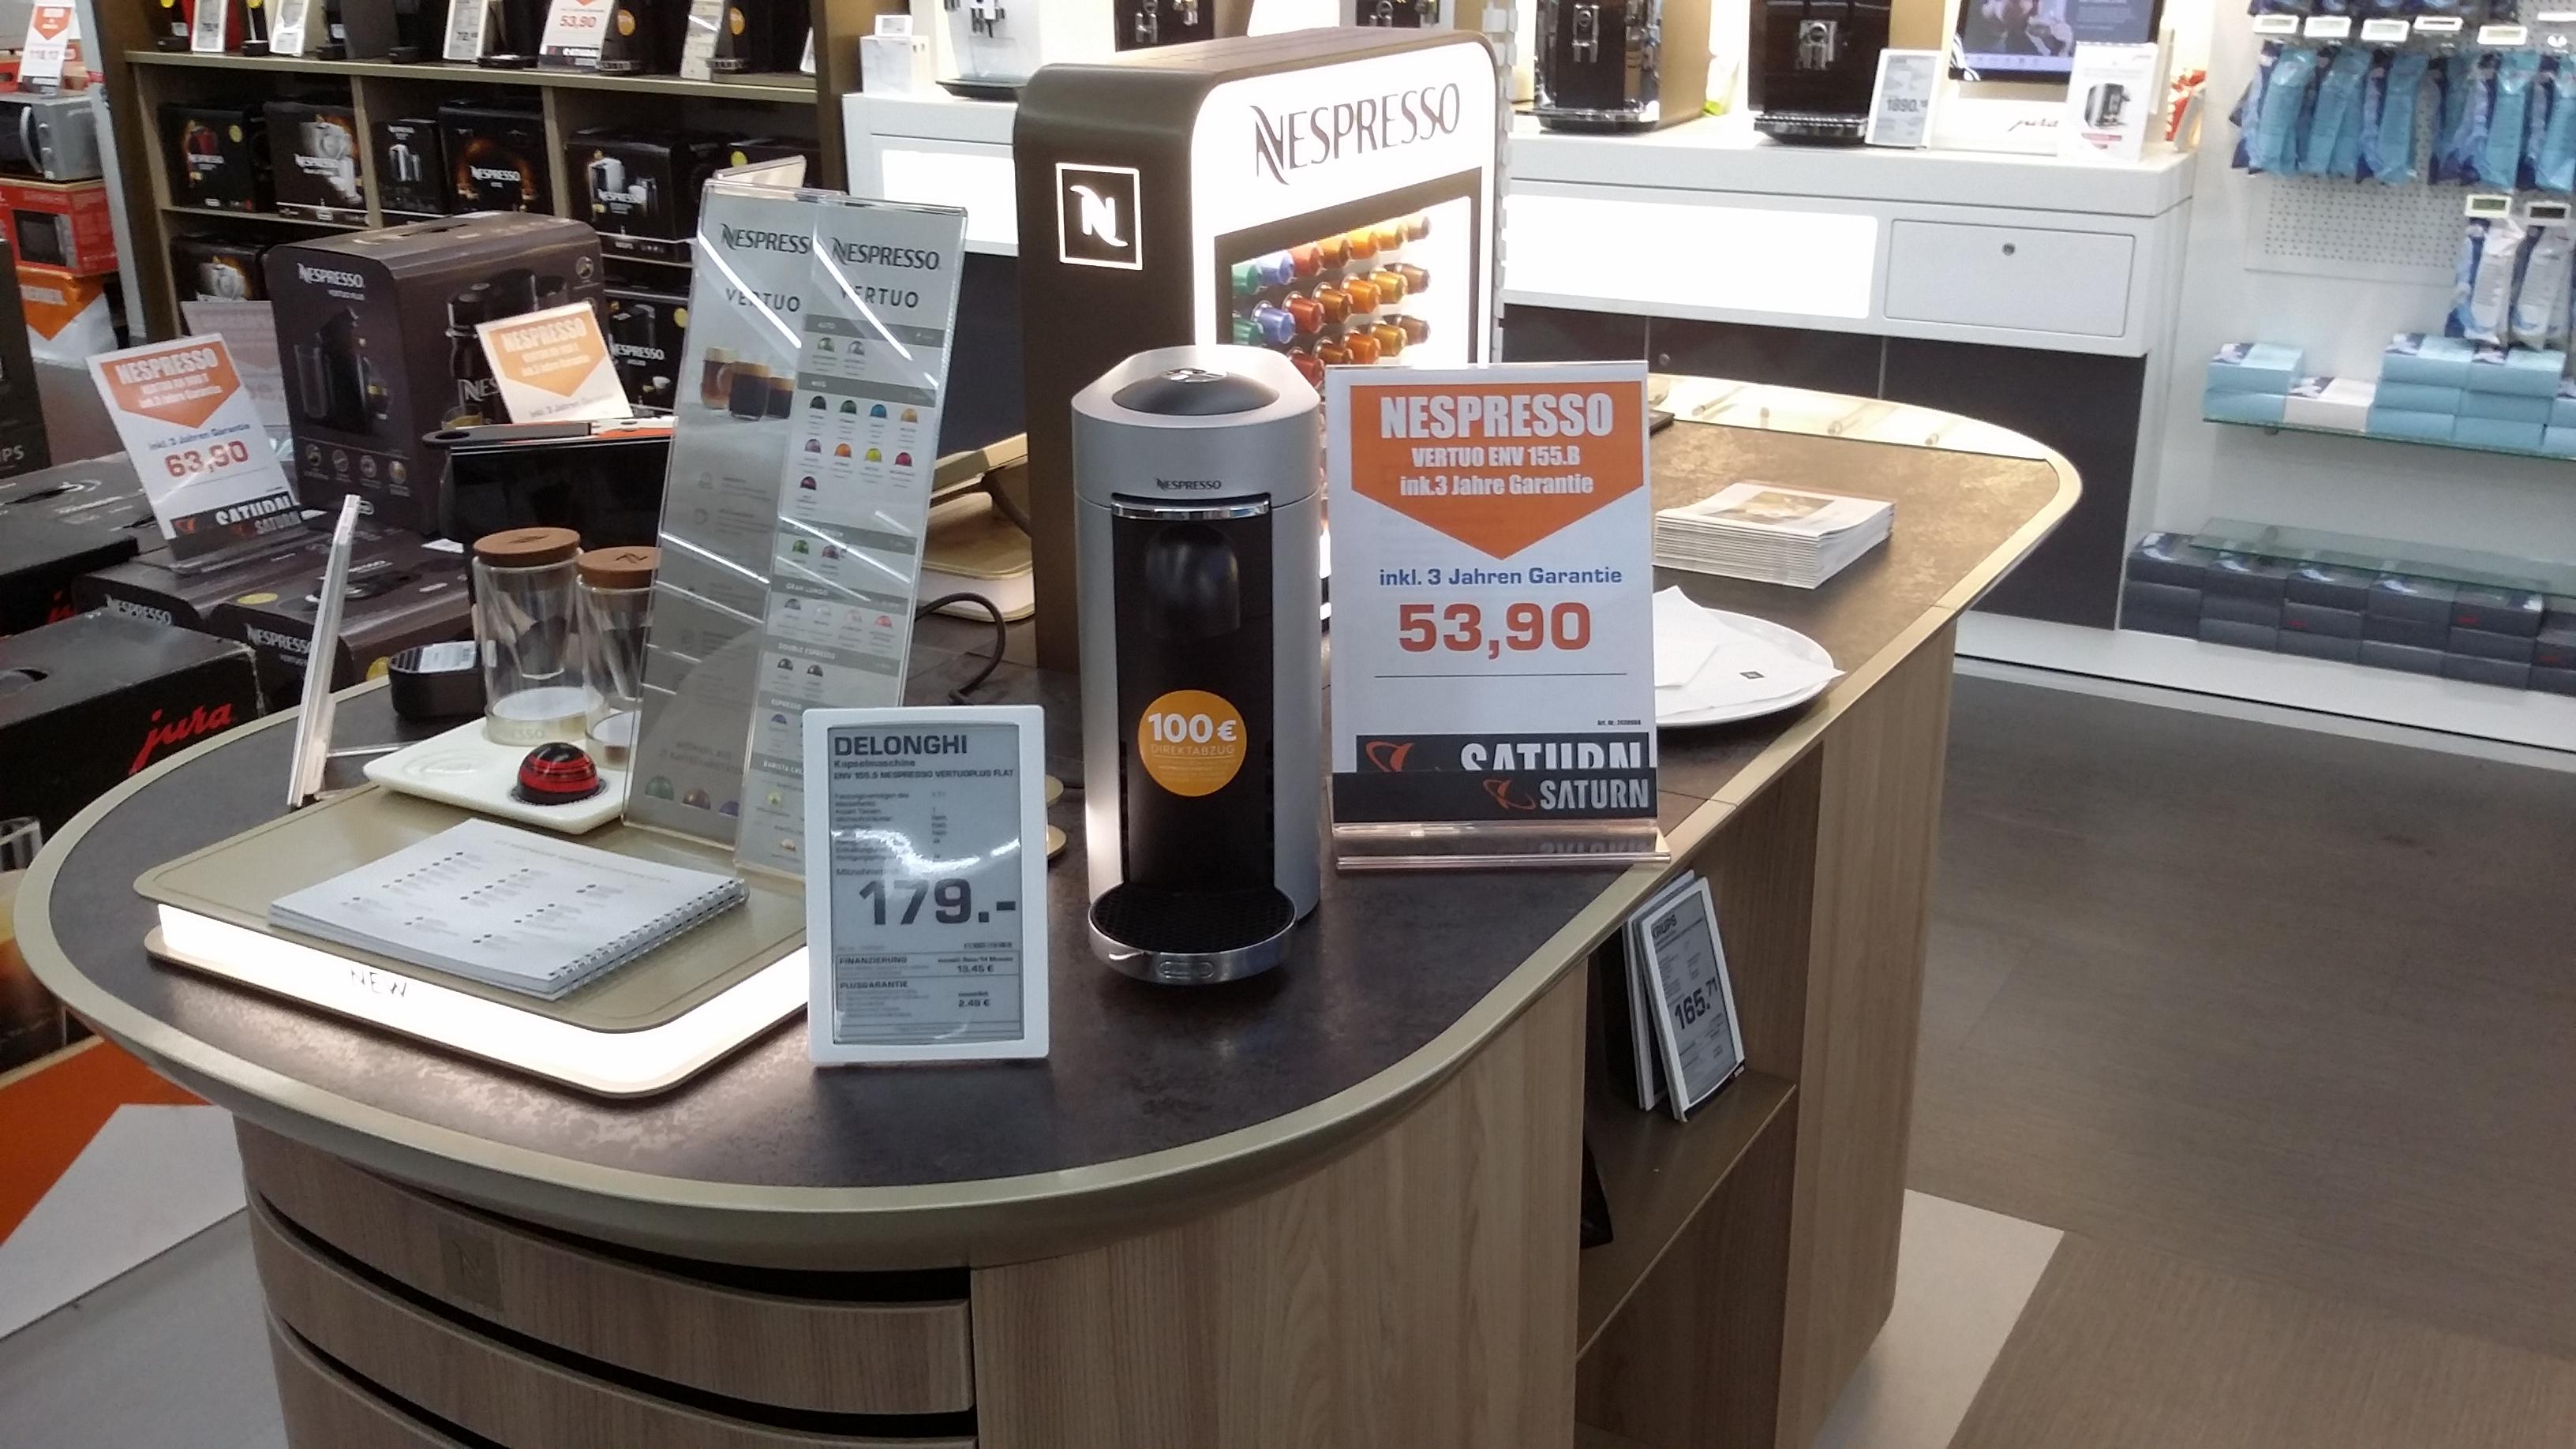 Nespresso Vertuo für 53,90€ bzw. 63,90€ inkl. 3 Jahre Garantie im Saturn Karlsruhe Durlach